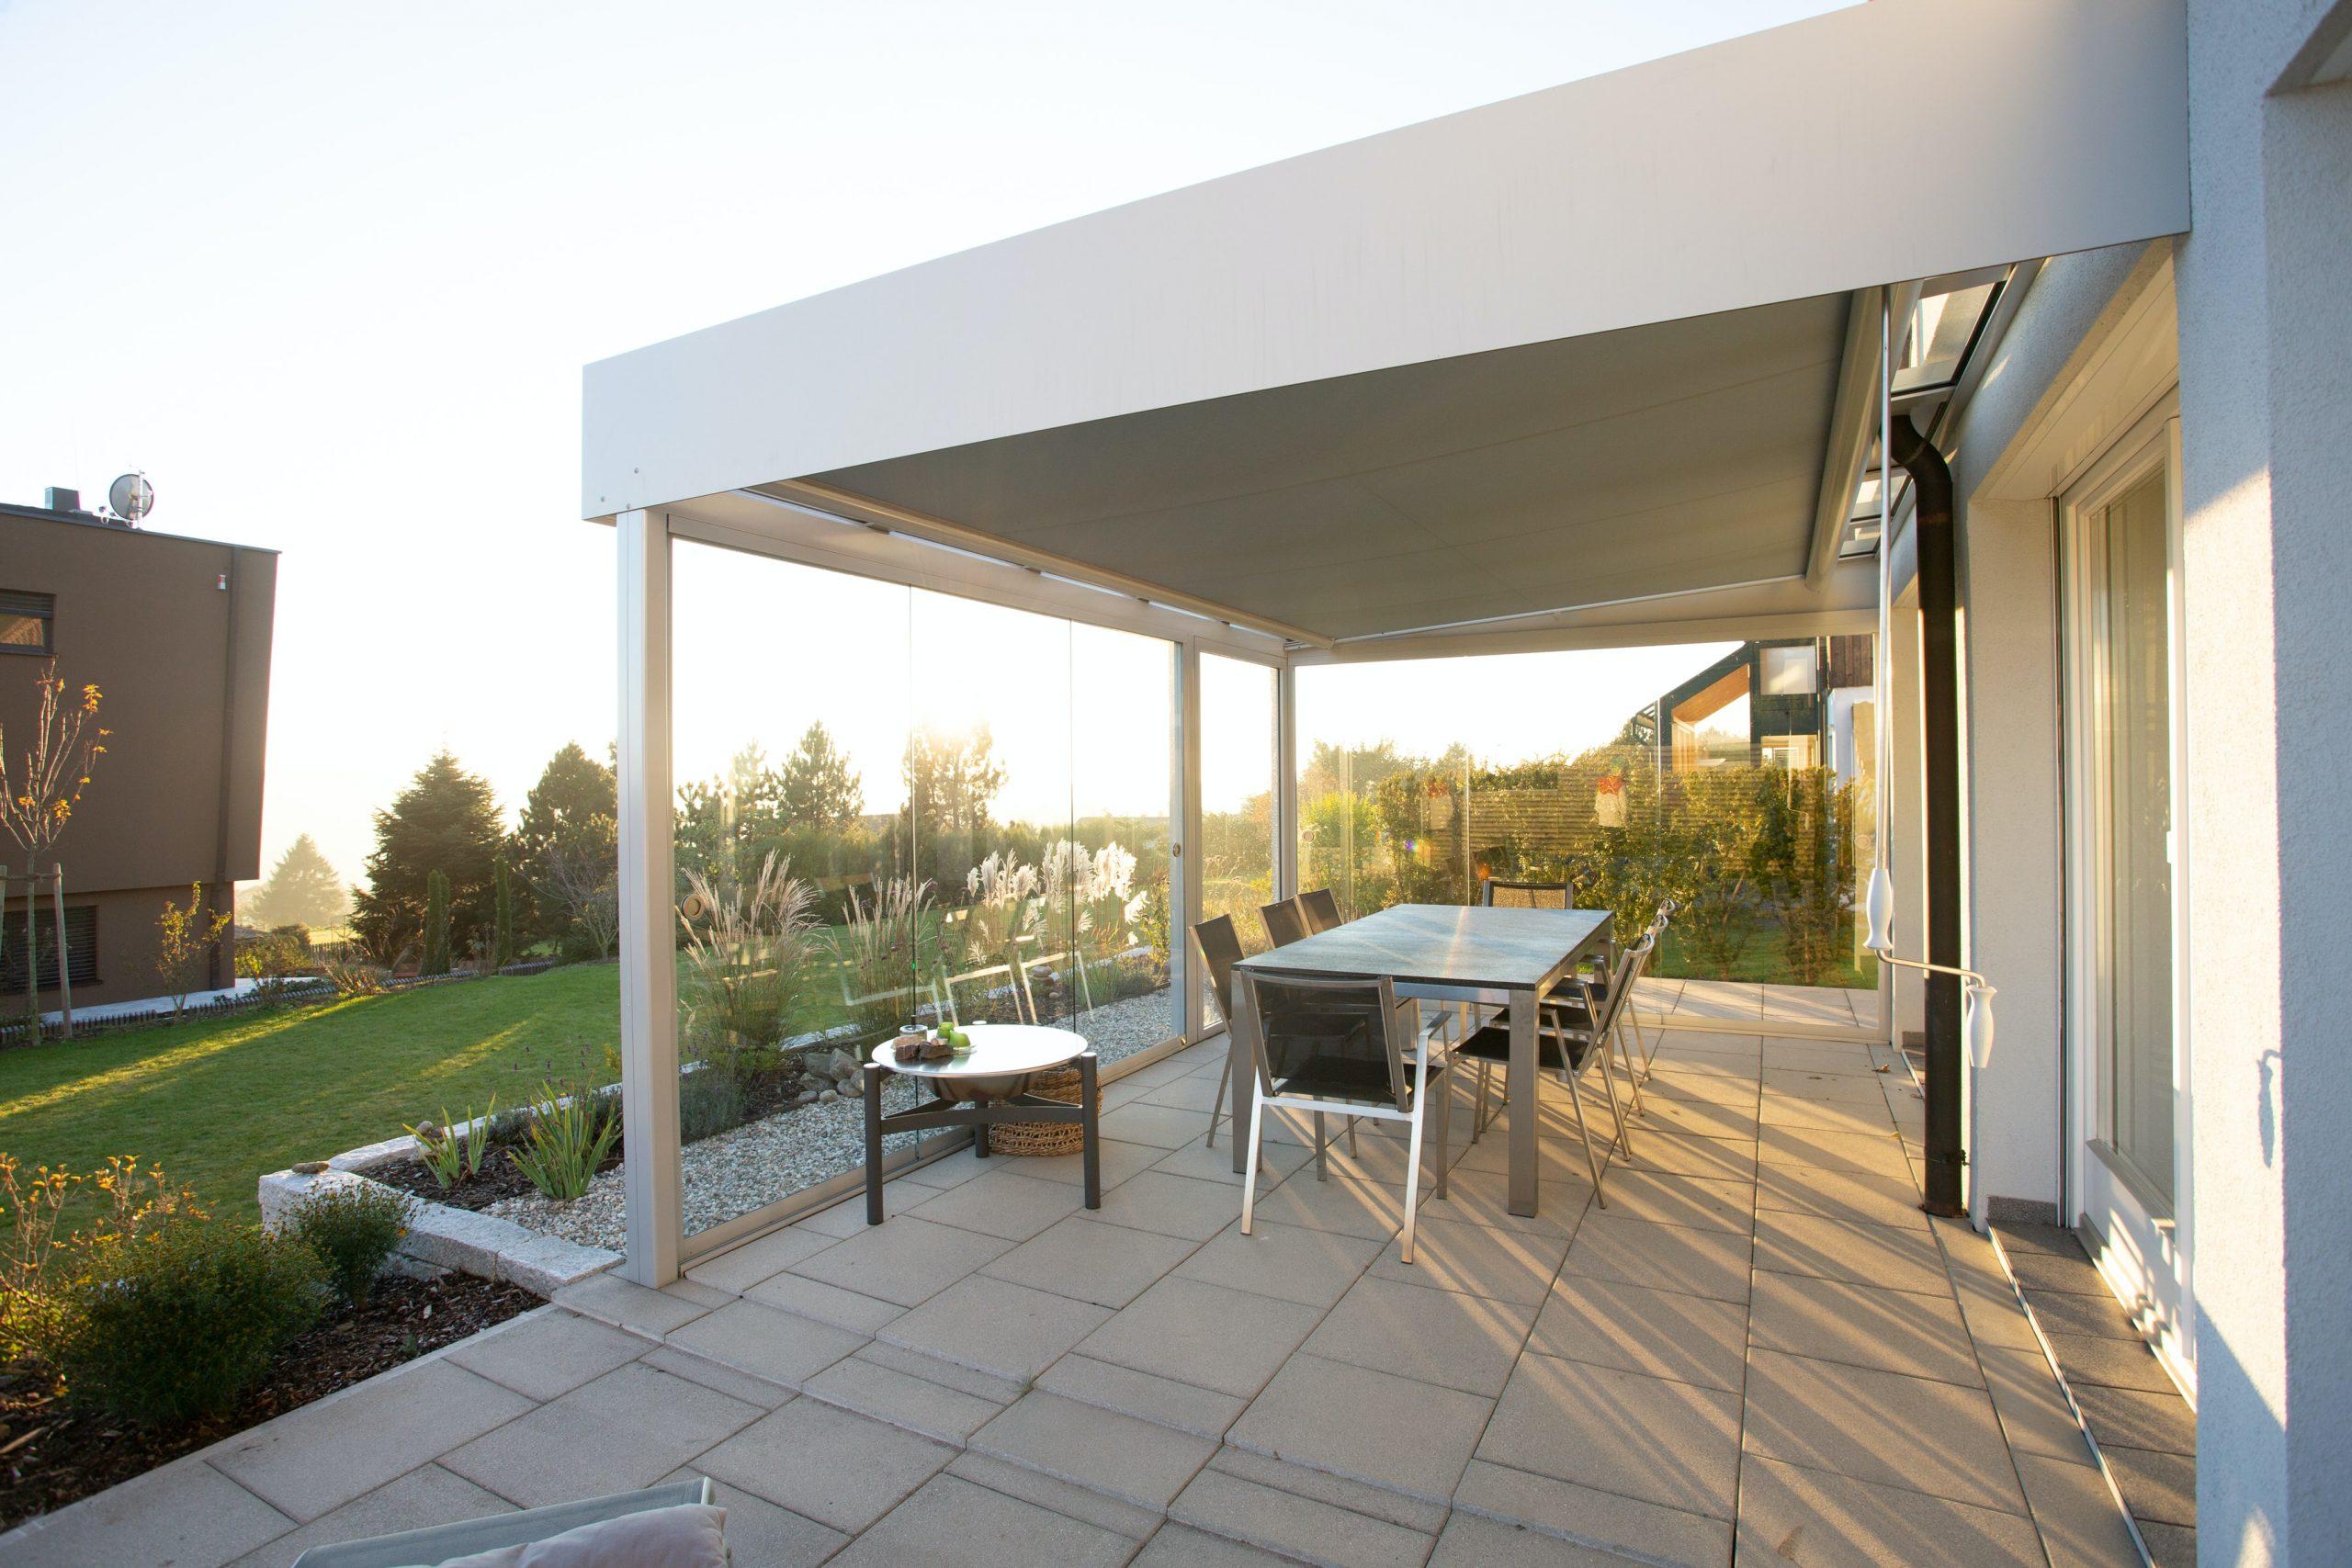 Bliv sommerklar med et havemøbelsæt